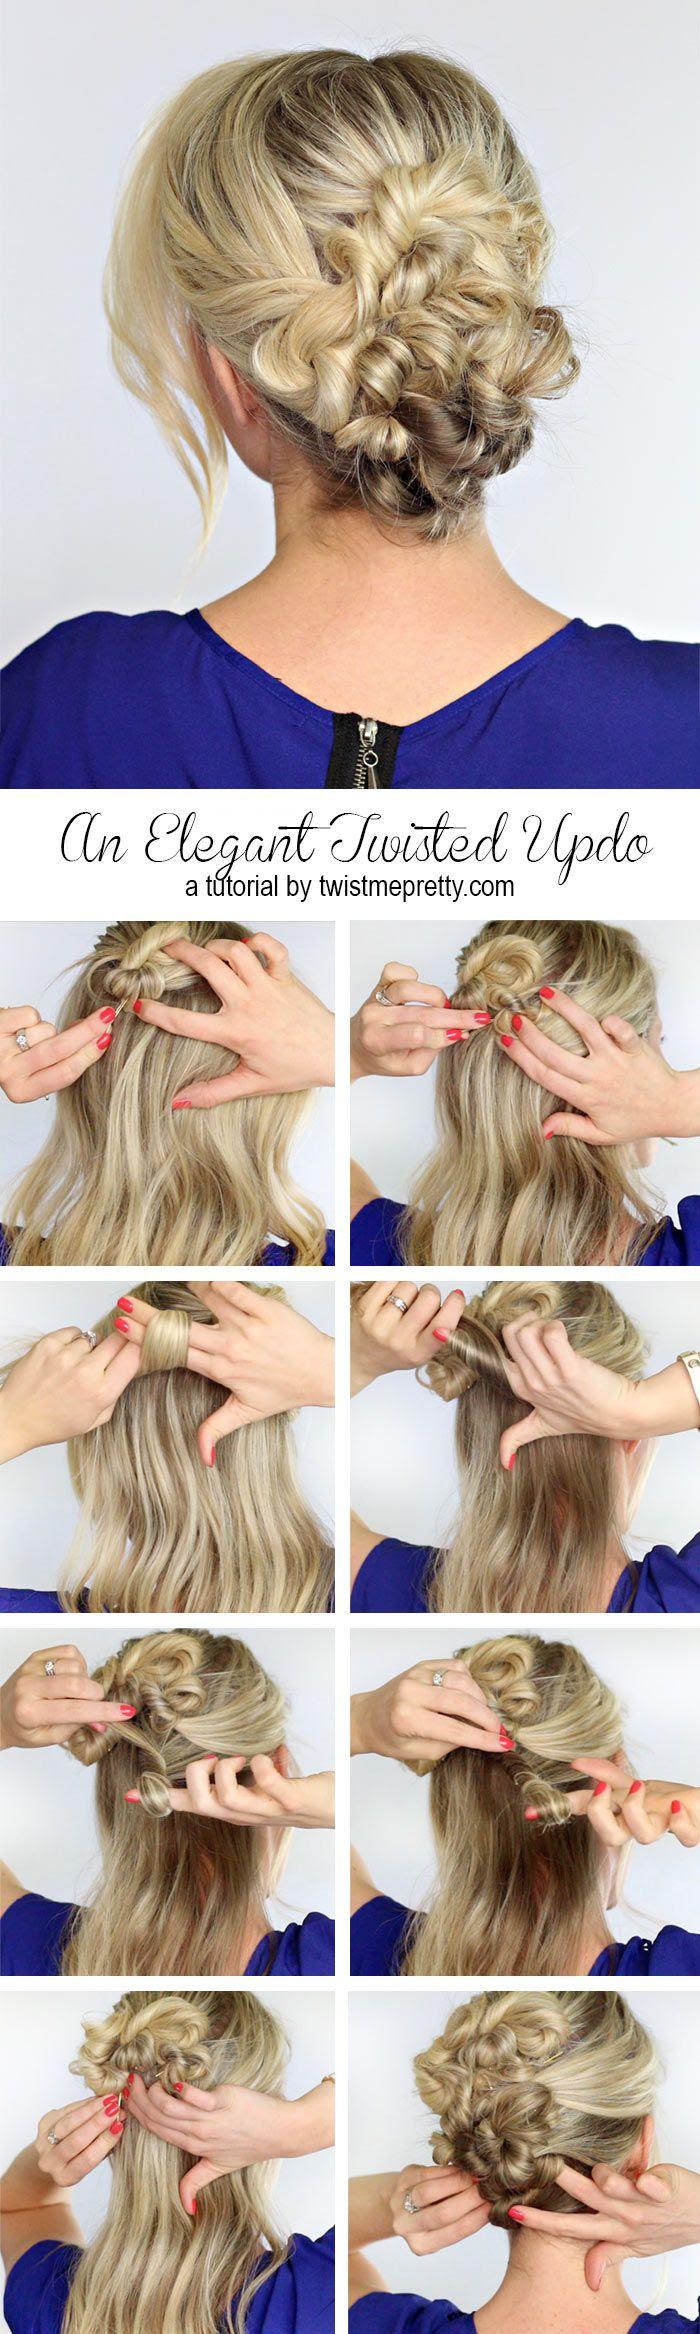 Ladies Long Hairstyles Trends Tutorial Step By Step Looks ...